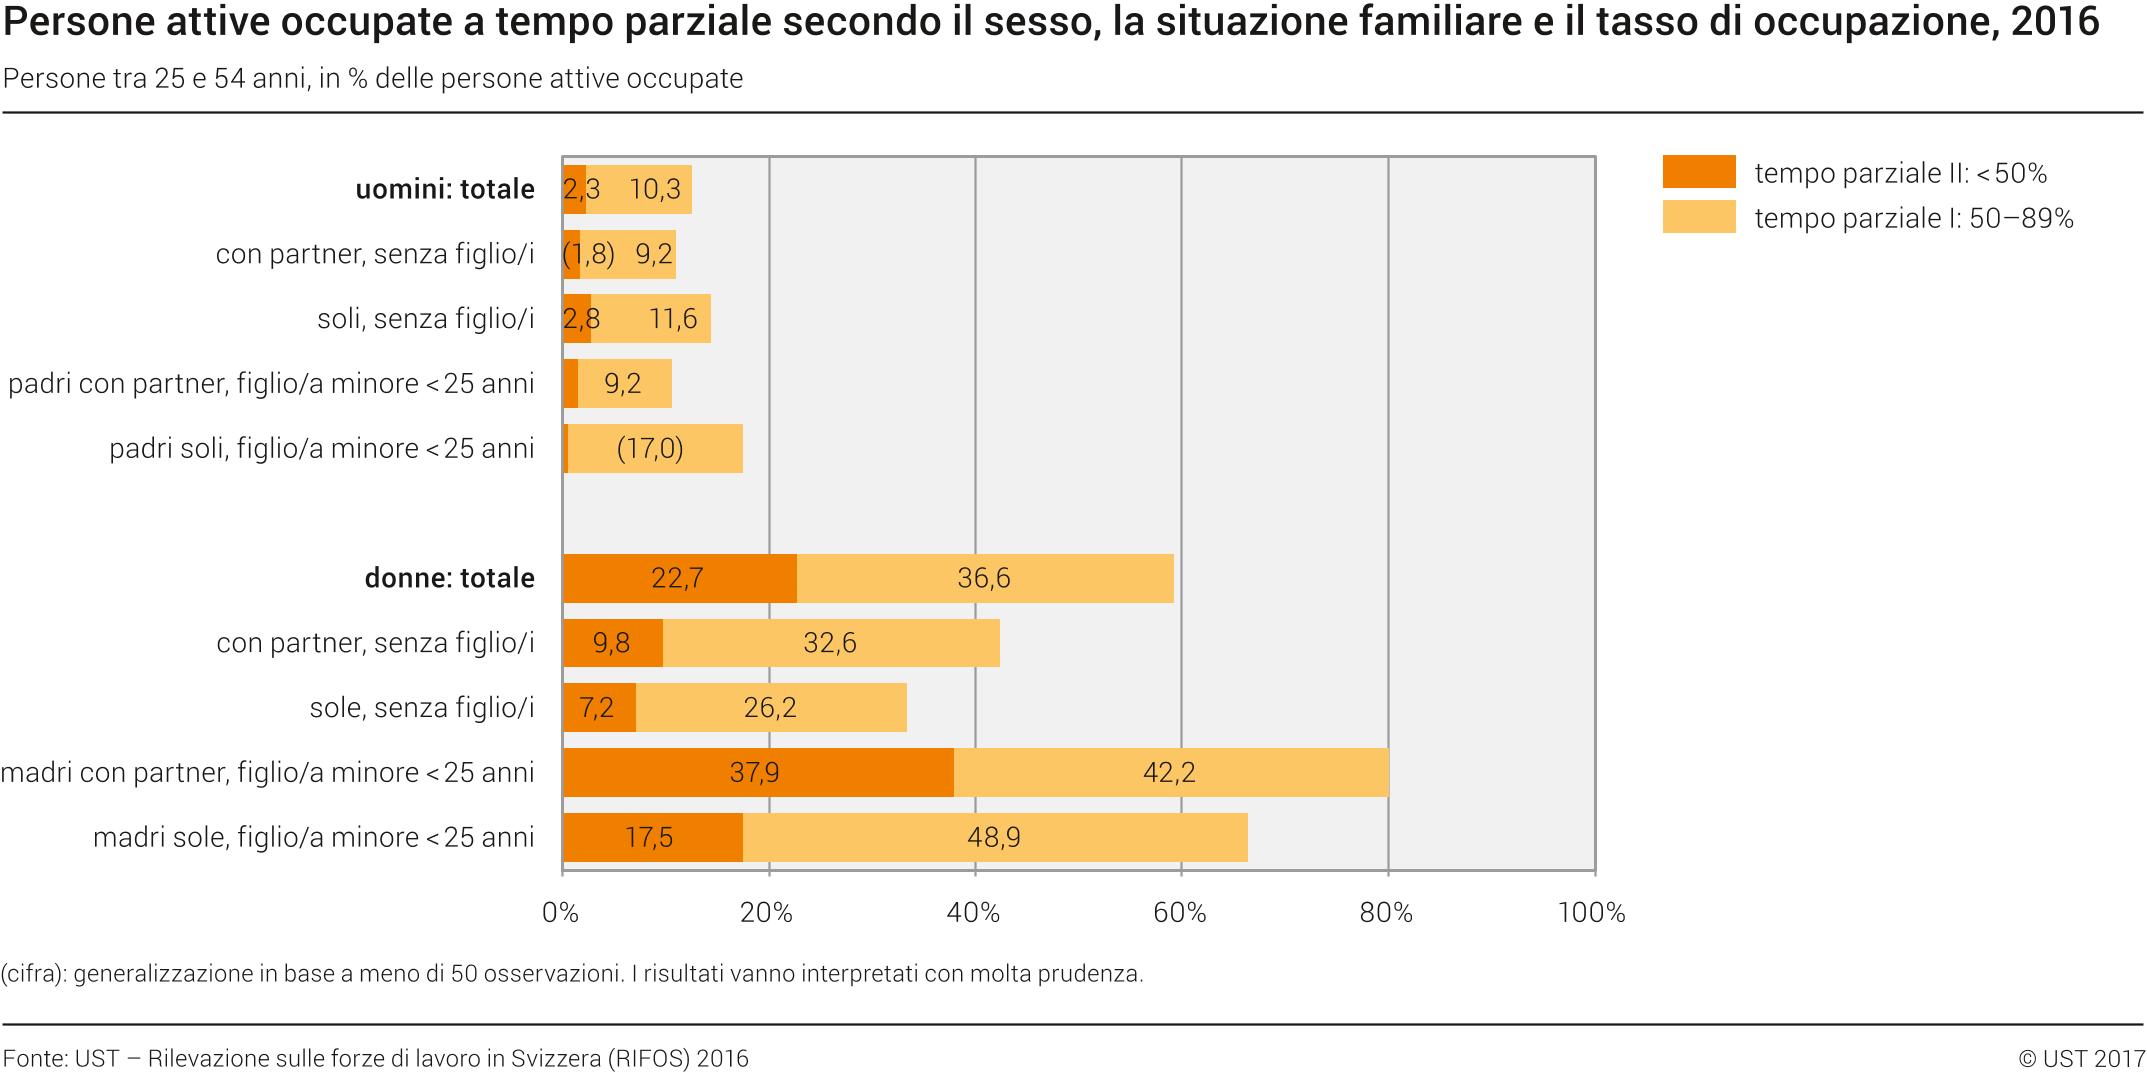 Impieghi a tempo parziale secondo il sesso la situazione familiare e il tasso di occupazione